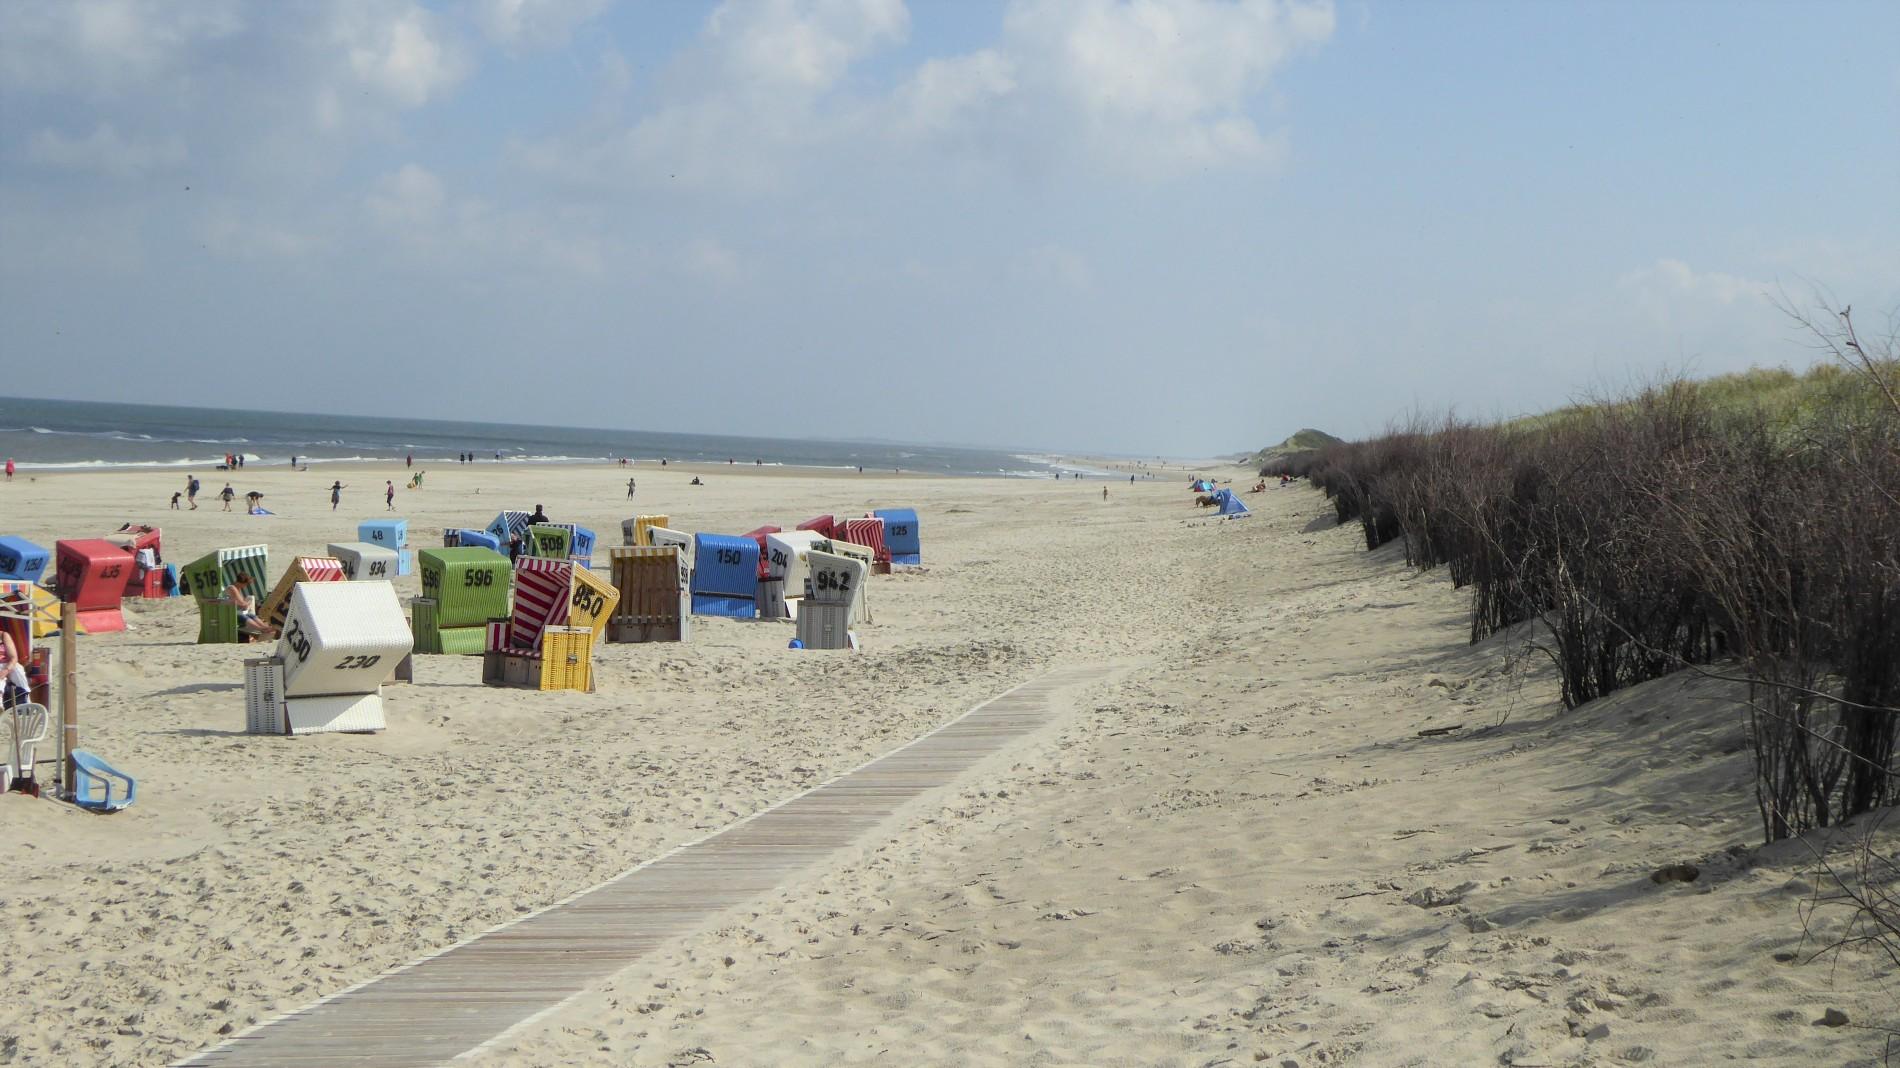 Langeoog ein Naturerlebnis zwischen Watt und Meer 2021 | Union Reiseteam